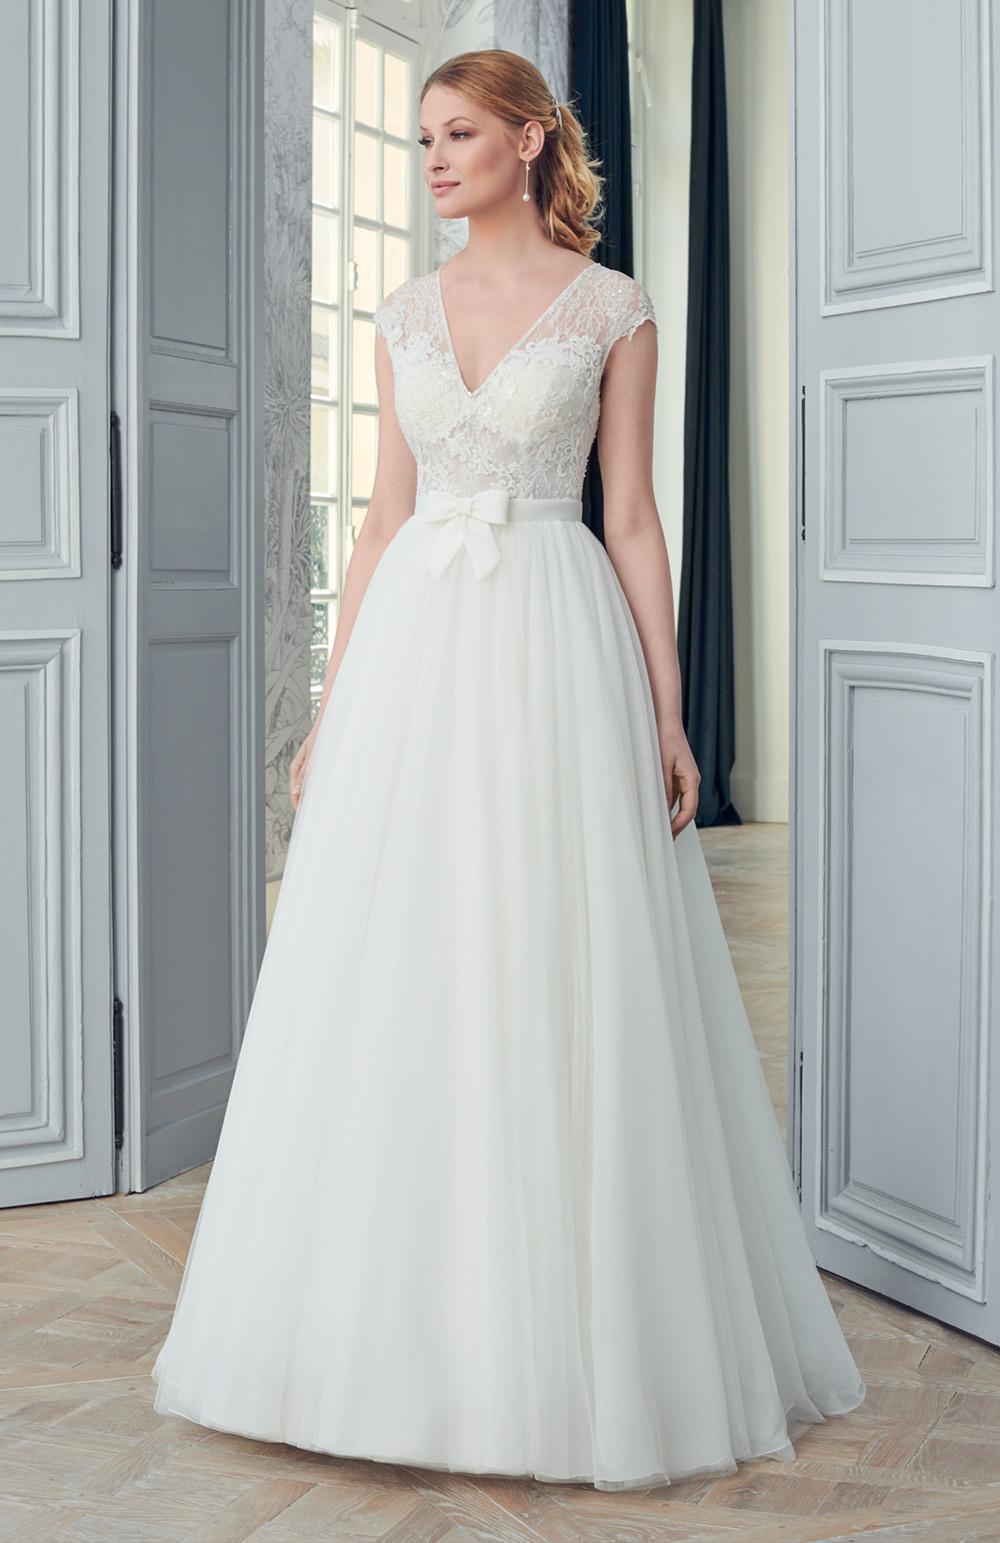 Robe de mariée Modèle Adonie